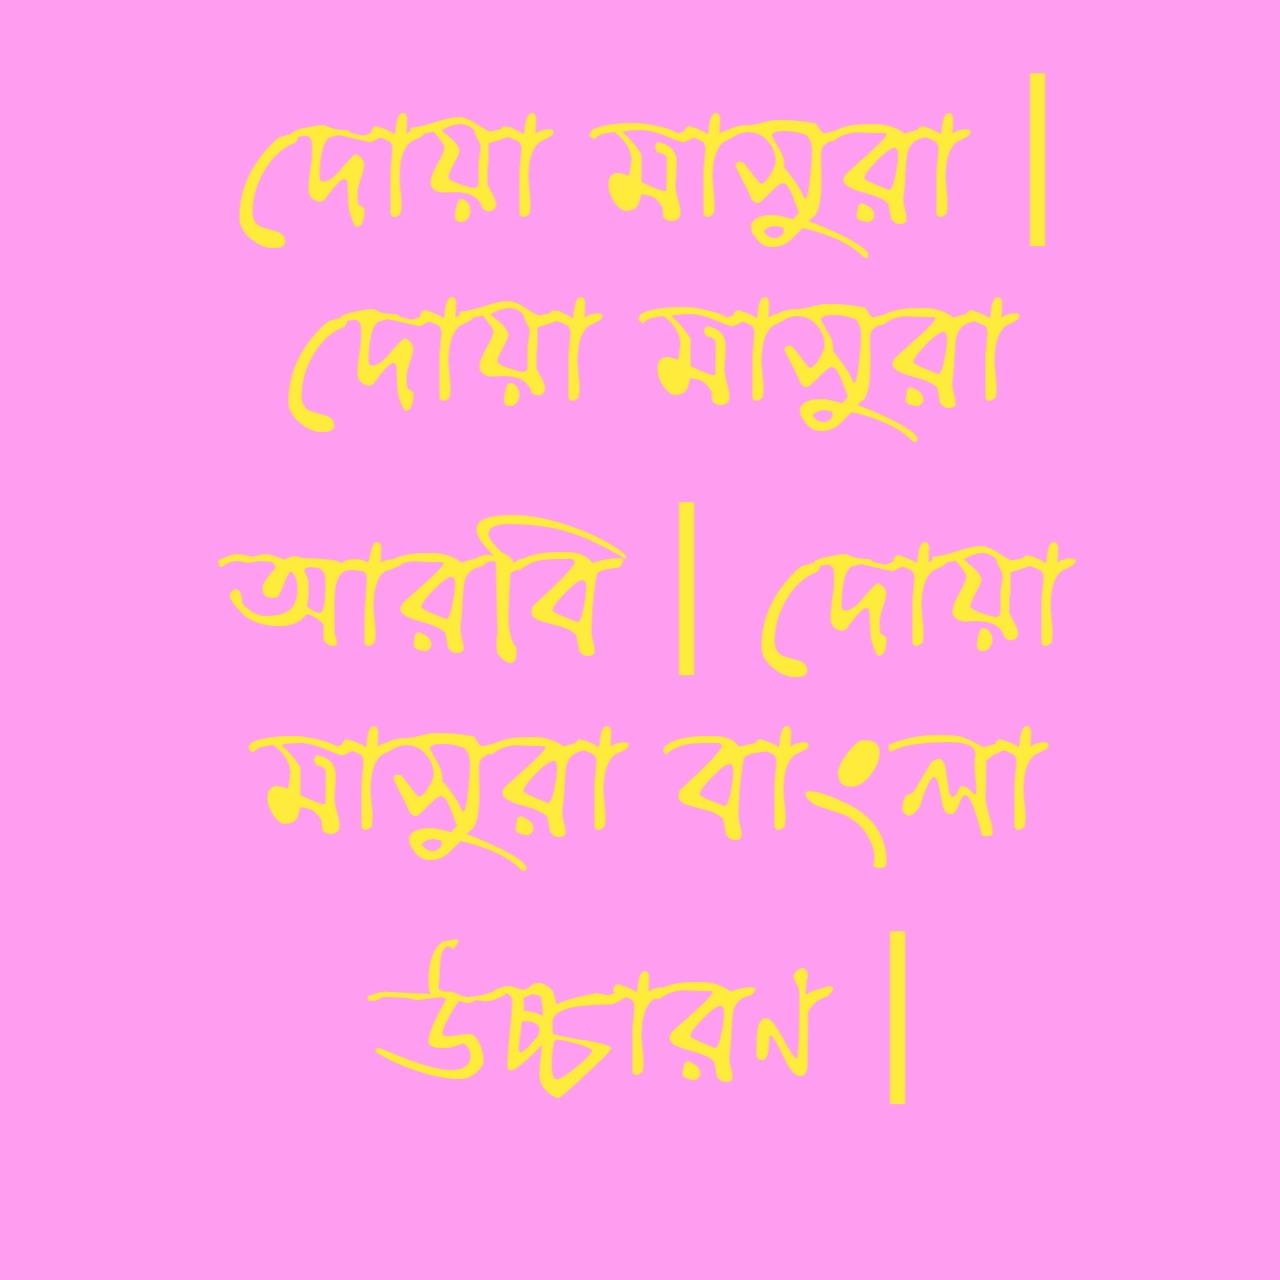 দোয়া মাসুরা   দোয়া মাসুরা আরবি   দোয়া মাসুরা বাংলা উচ্চারণ   Prayer Masura   Prayer Masura Arabi   Prayer Masura Bangla Prime  